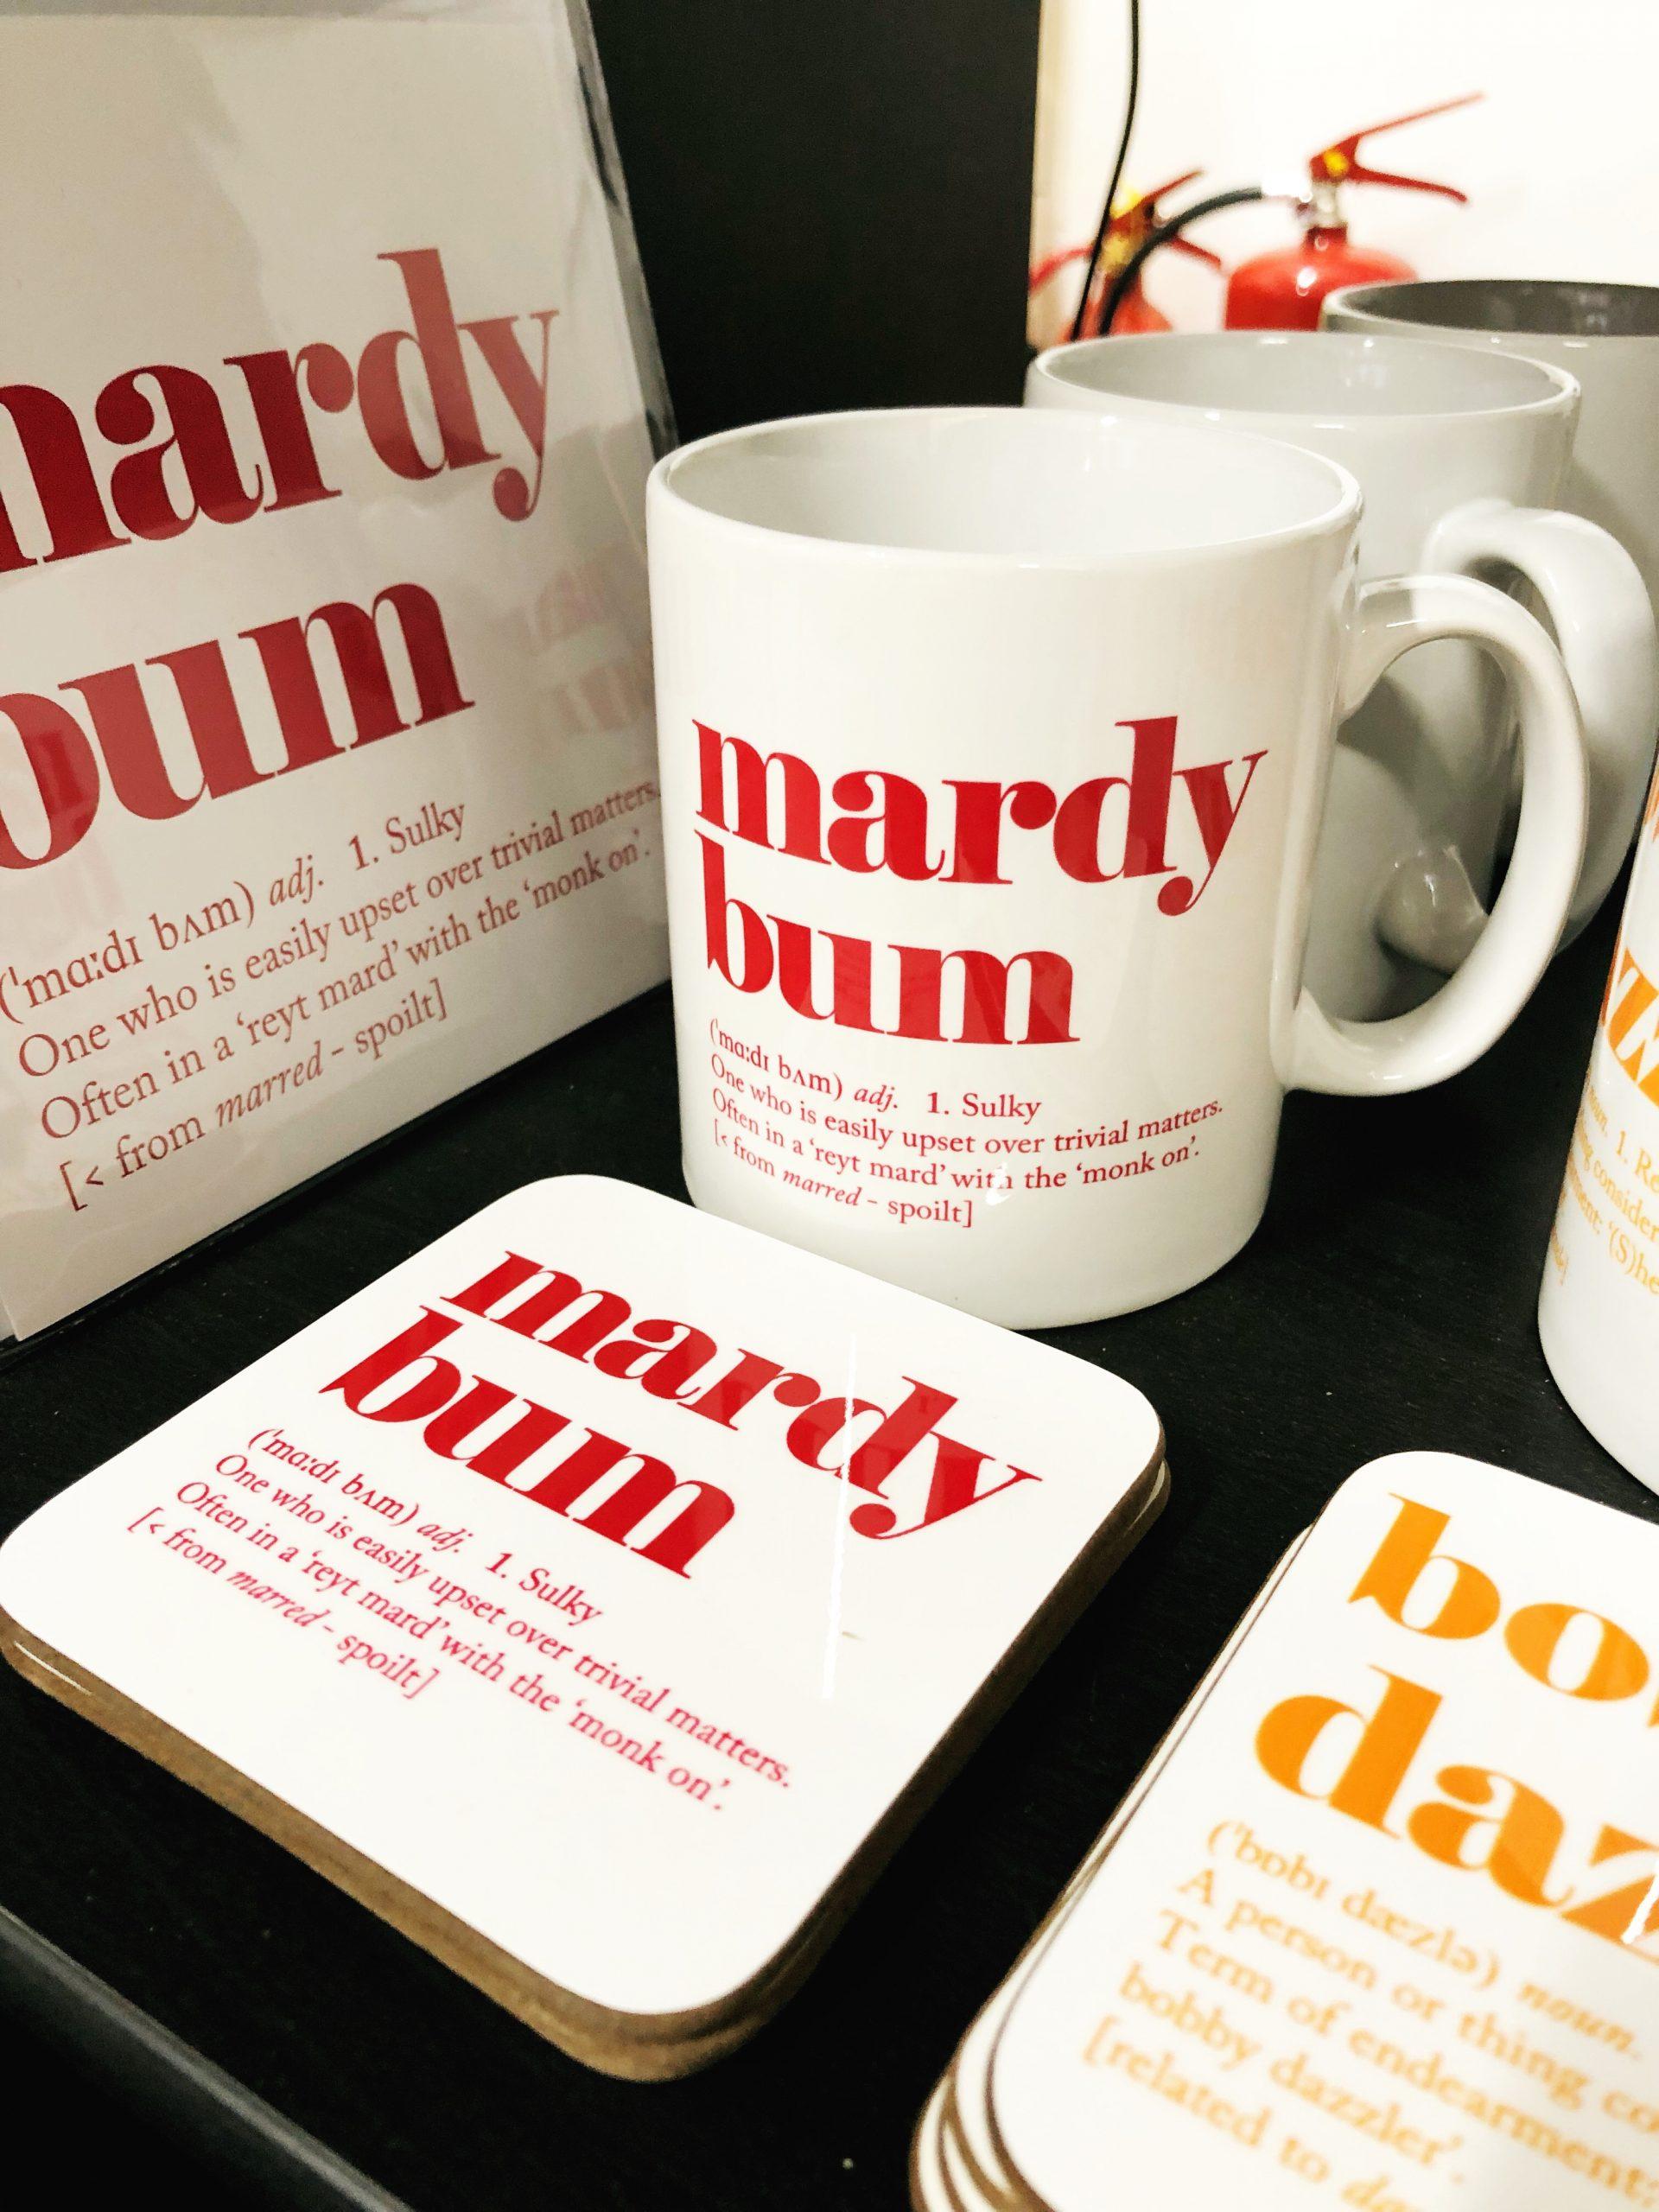 mardy_bum